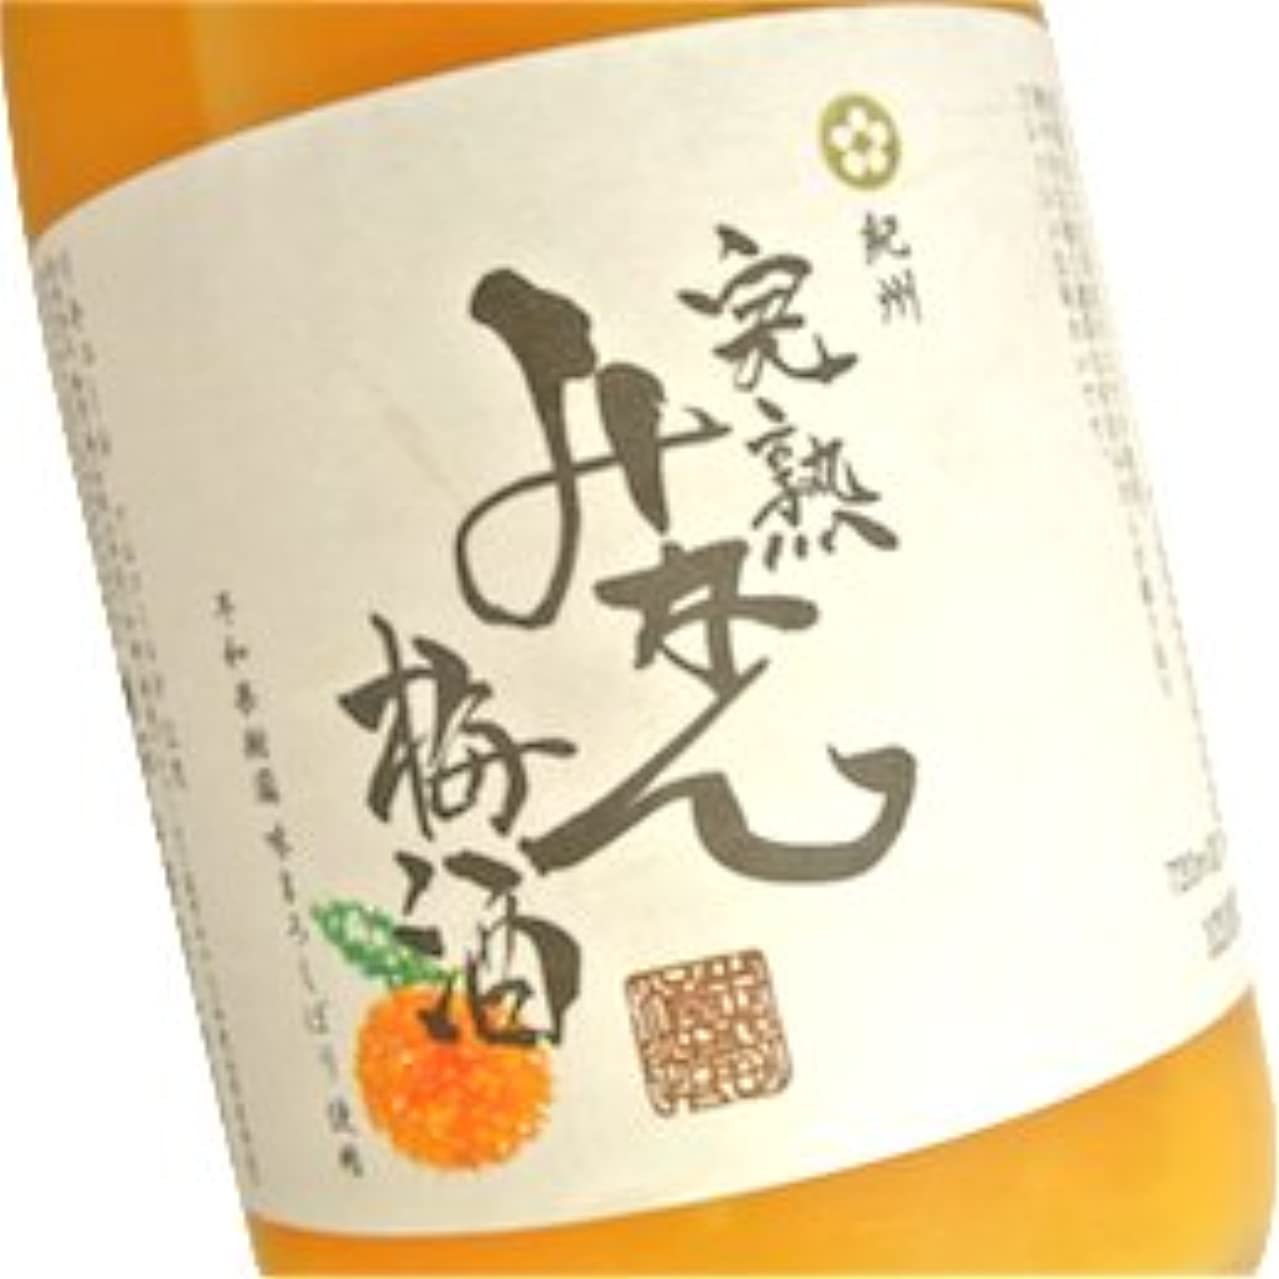 手がかりブレーキレプリカ【中野BC】紀州 完熟みかん梅酒 720ml 12度